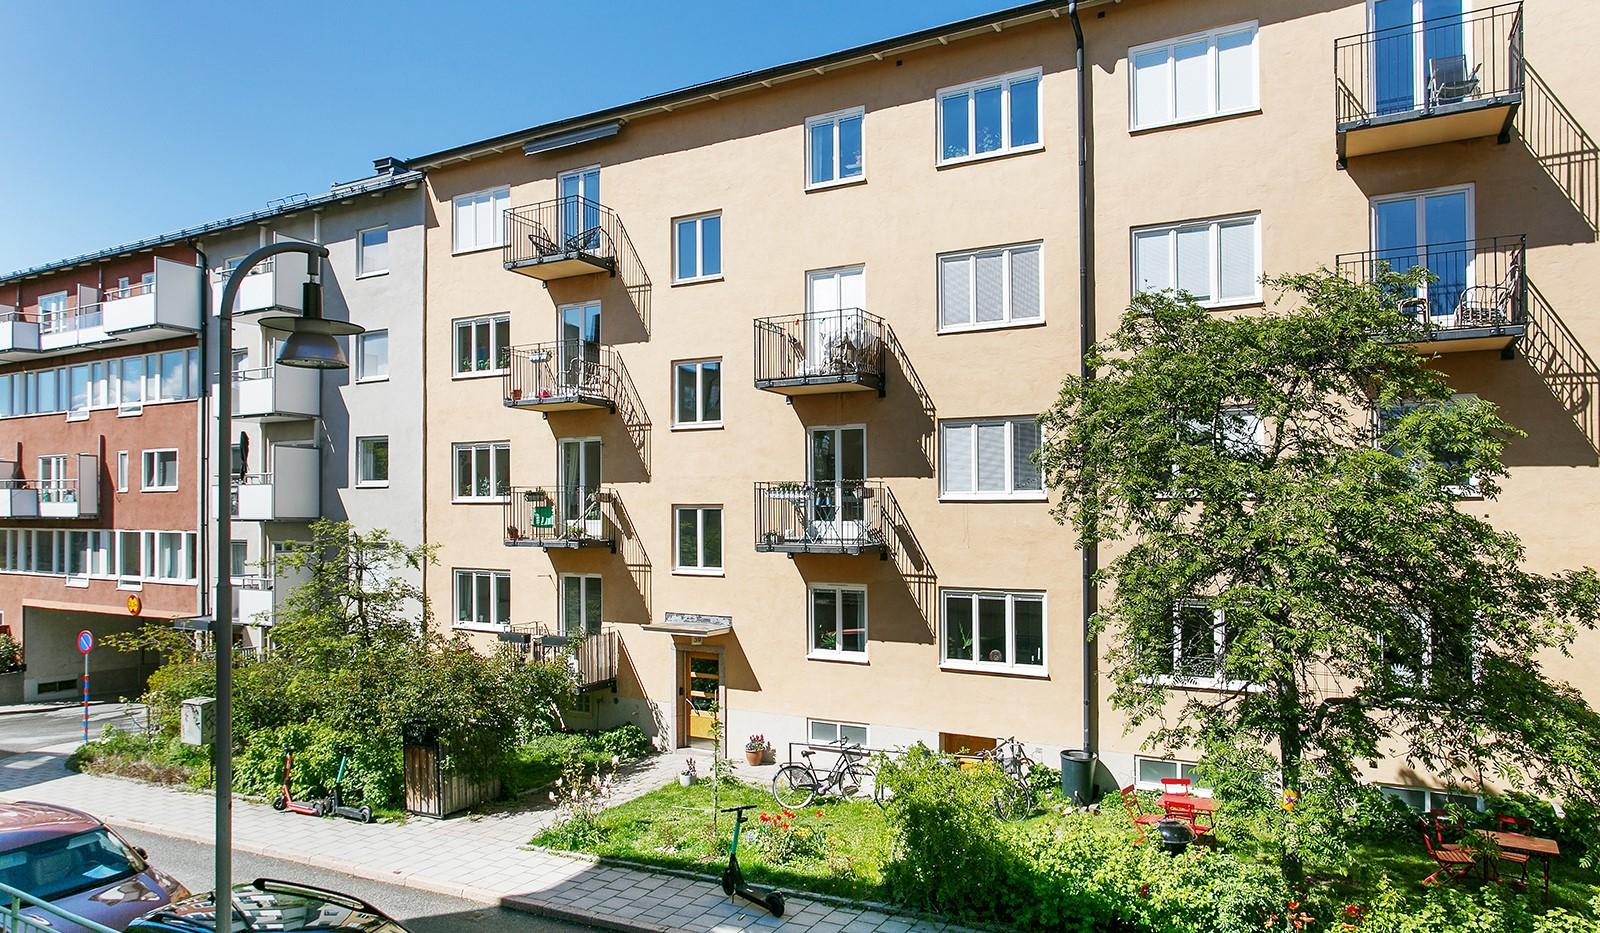 Maria Prästgårdsgata 39, 1tr - Välkommen till Maria Prästgårdsgata 39